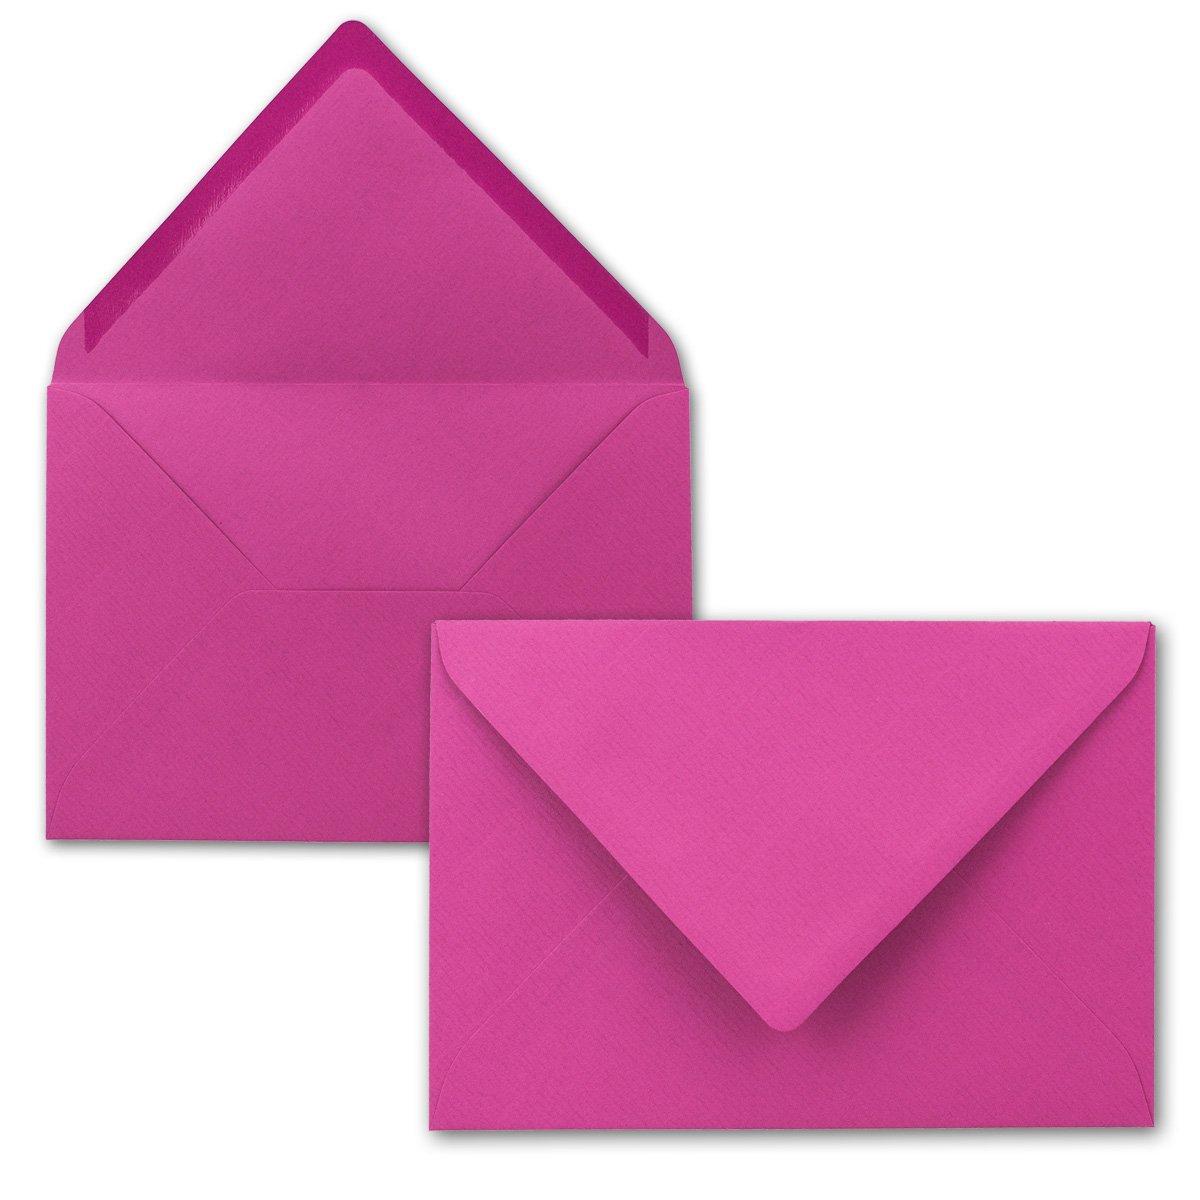 Brief-Umschläge in Nachtblau   150 Stück   DIN C5 KuGrüns 220 x 154 mm - Nassklebung ohne Fenster - Weihnachten, Grußkarten   Serie FarbenFroh® B07BPWQHK6 Grukarten & Einladungsumschlge Billig ideal